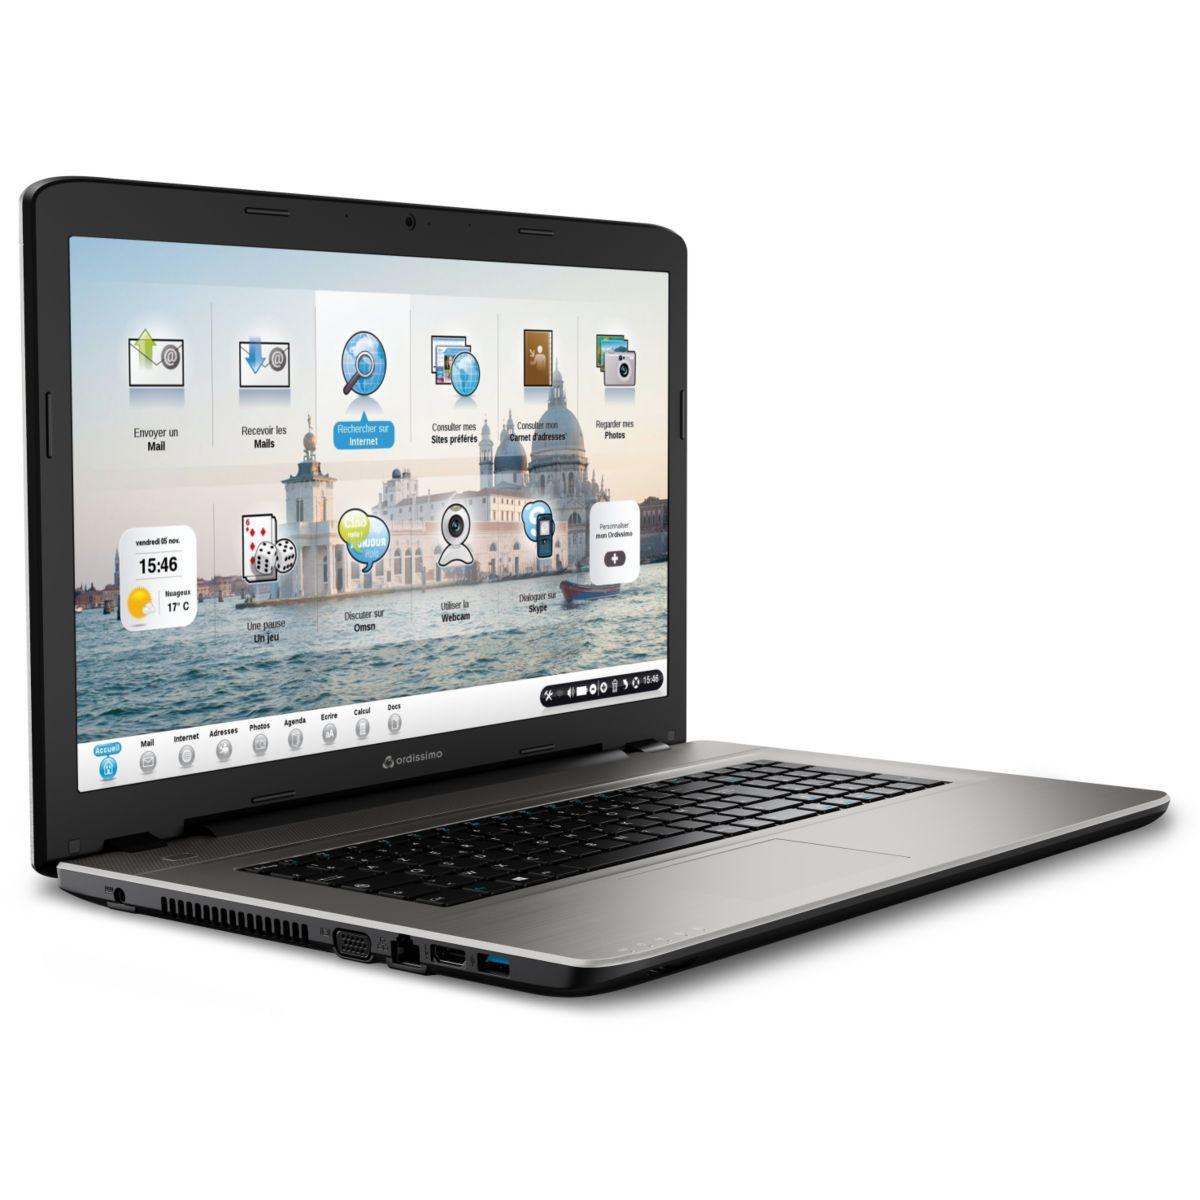 Pc portable ordissimo art0329 - 2% de remise immédiate avec le code : cool2 (photo)